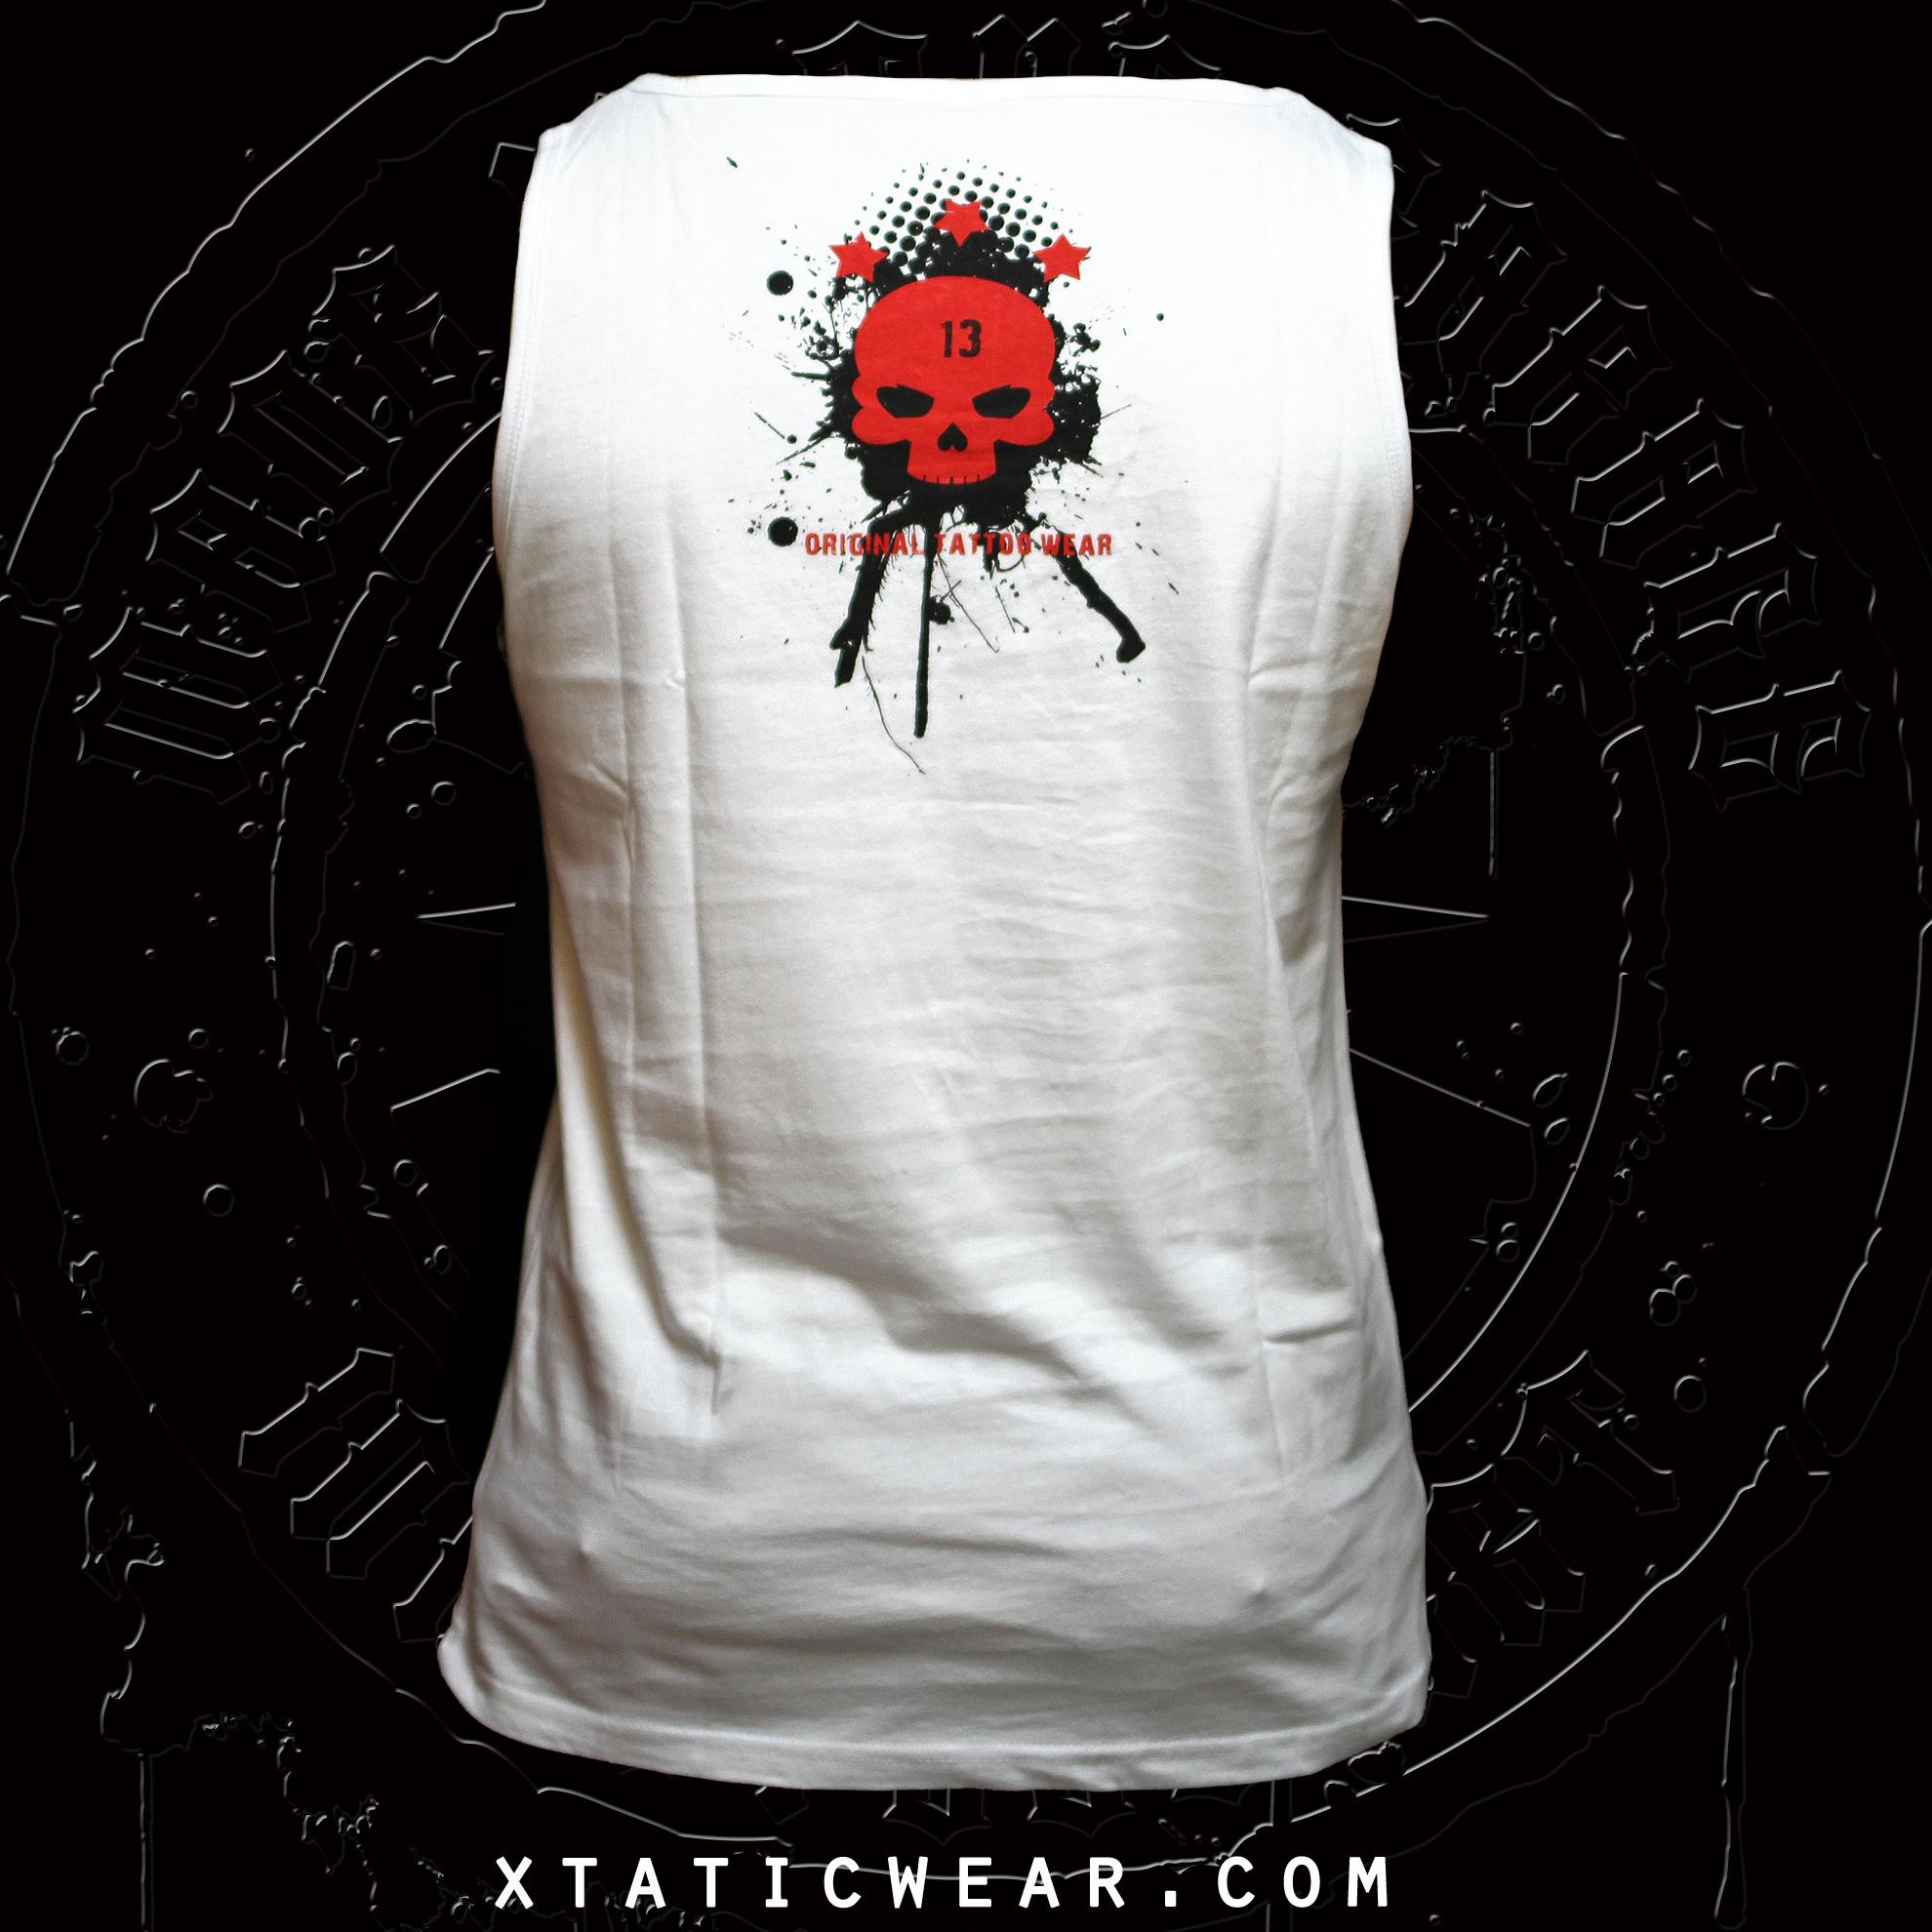 xtatic_wear_chica_mala_long_white_tank_top_t_shirts_3.jpg